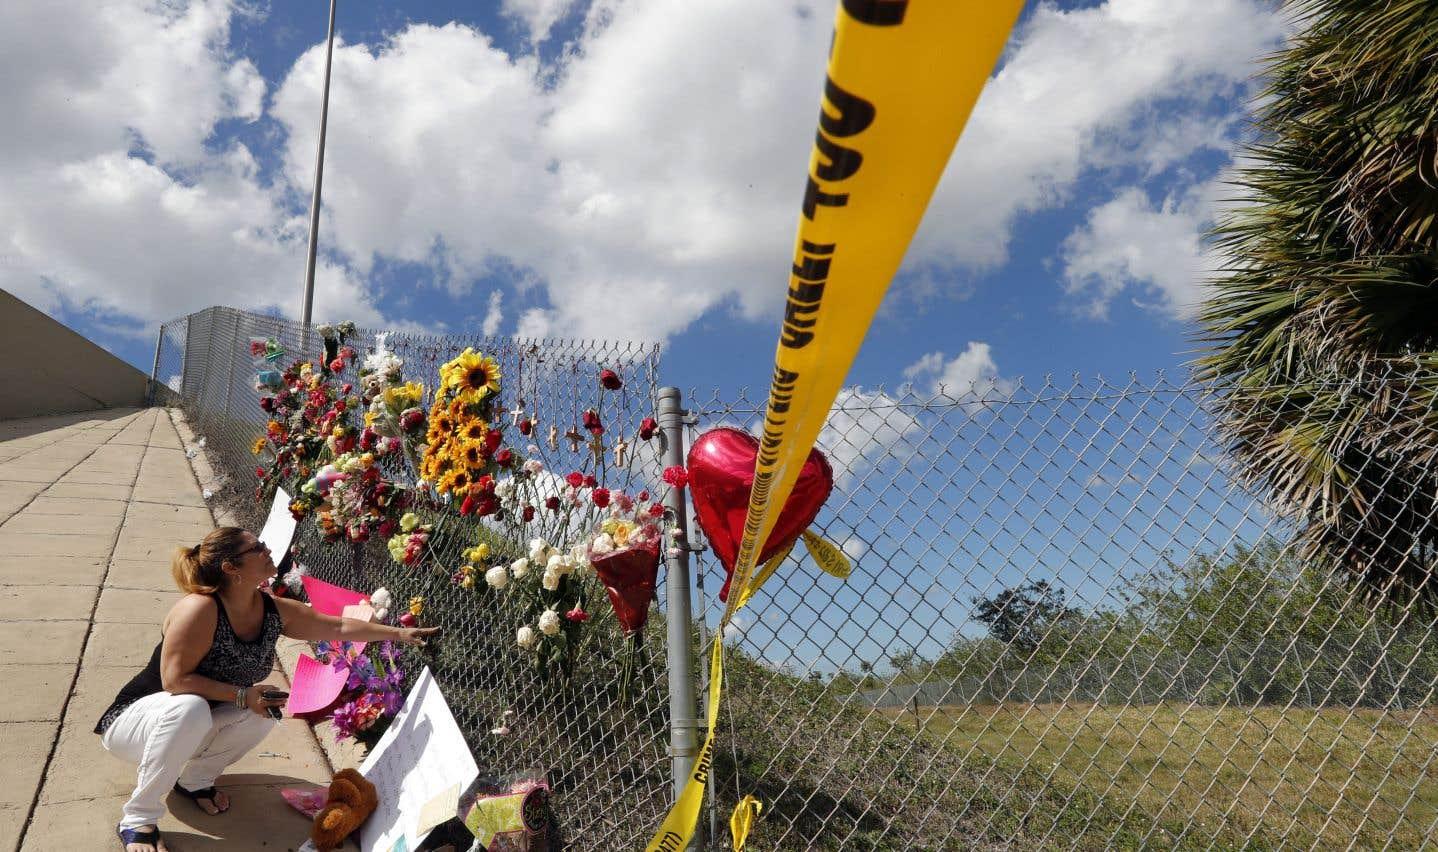 Une dame place des fleurs sous un viaduc, près du lycée Marjory Stoneman Douglas, où des étudiants ont cherché refuge après la tuerie de mercredi.